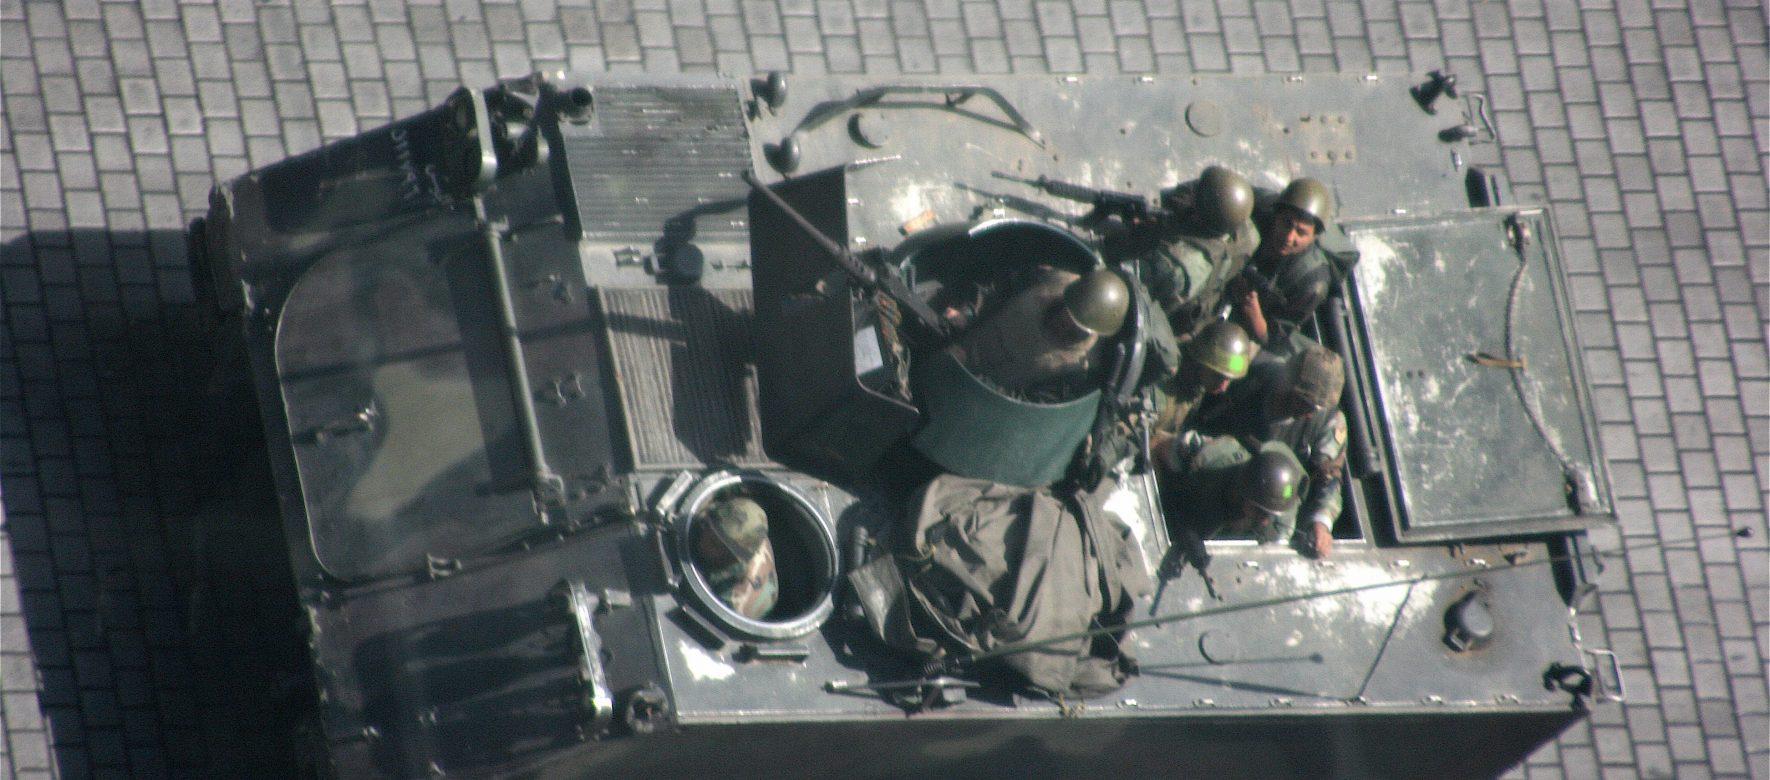 L'armée libanaise poursuit sa modernisation avec ses partenaires français et saoudiens.